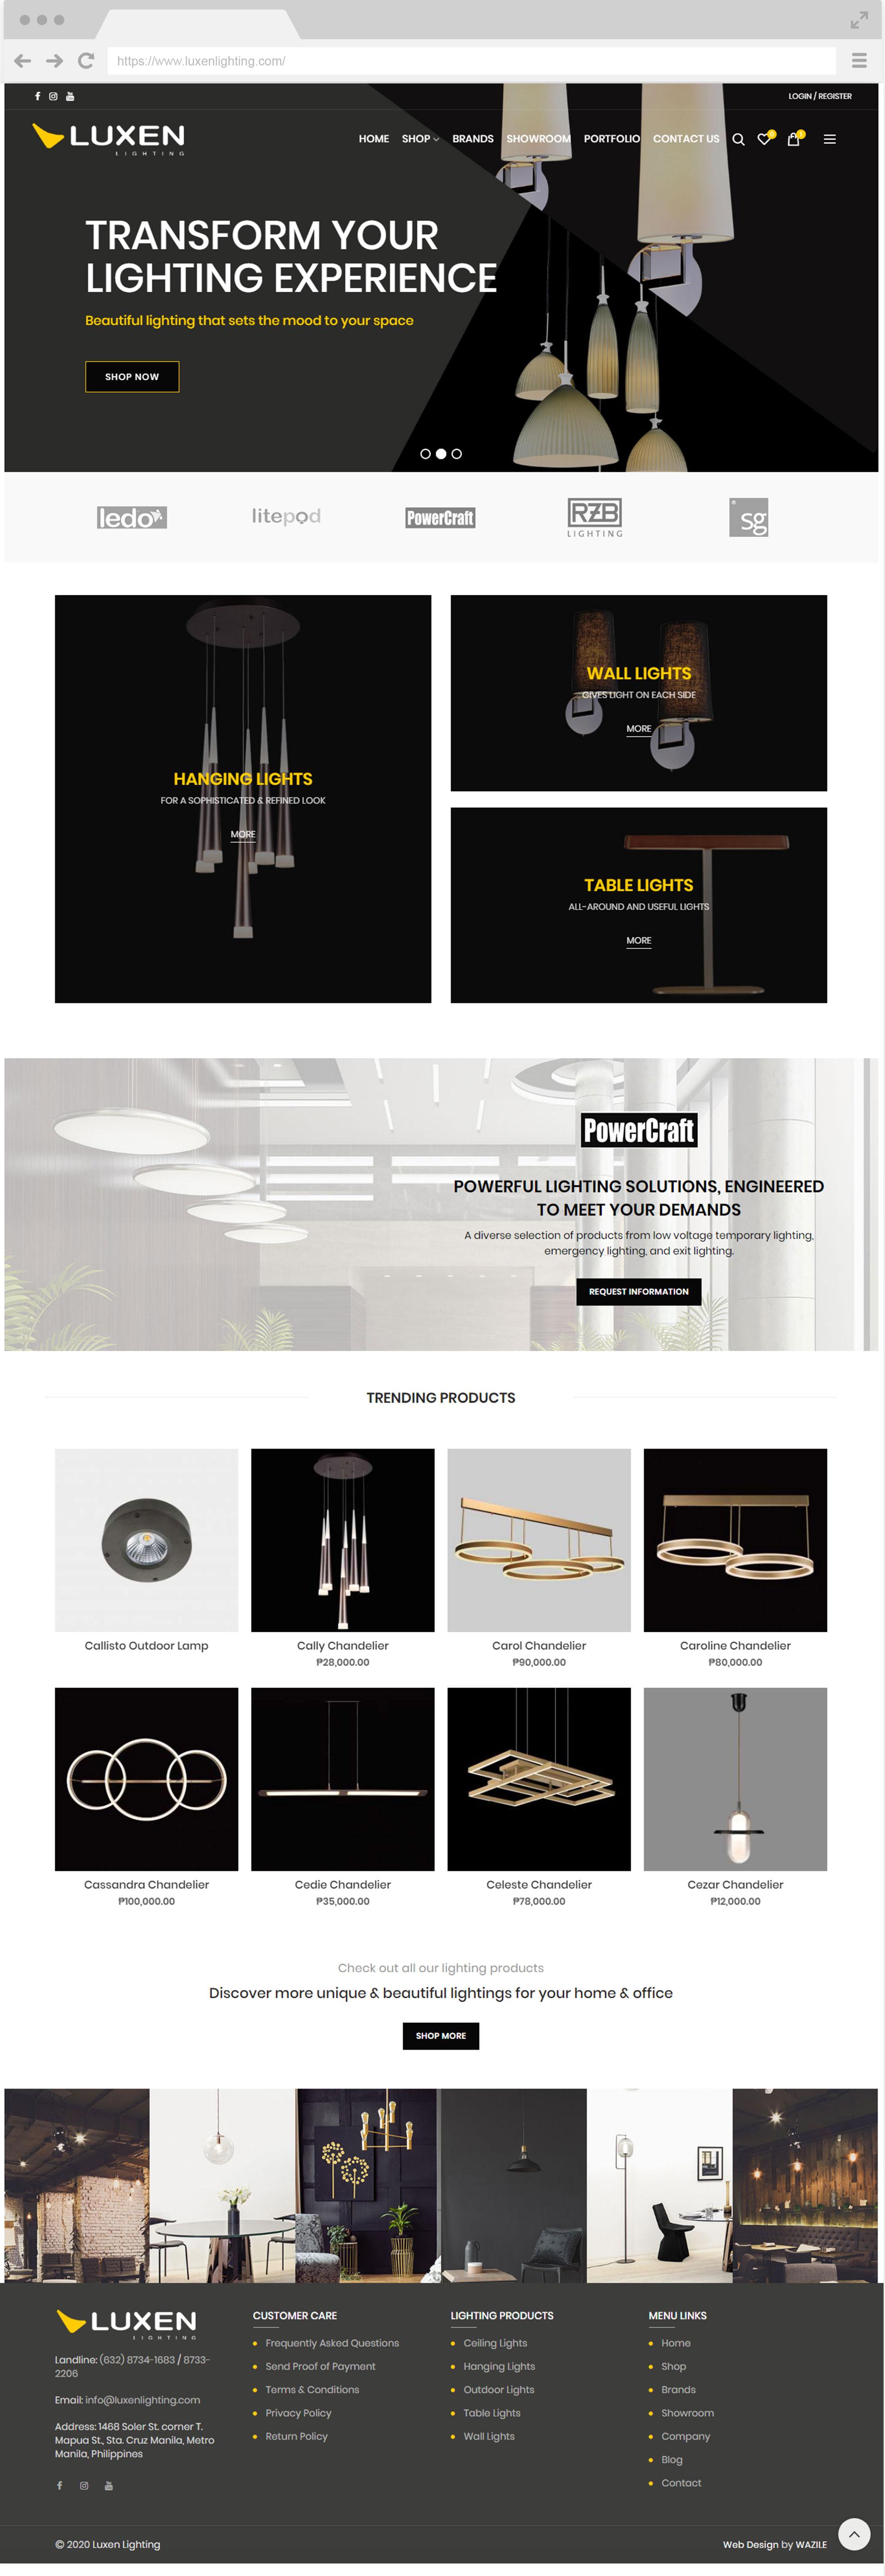 Luxen Lighting Homepage